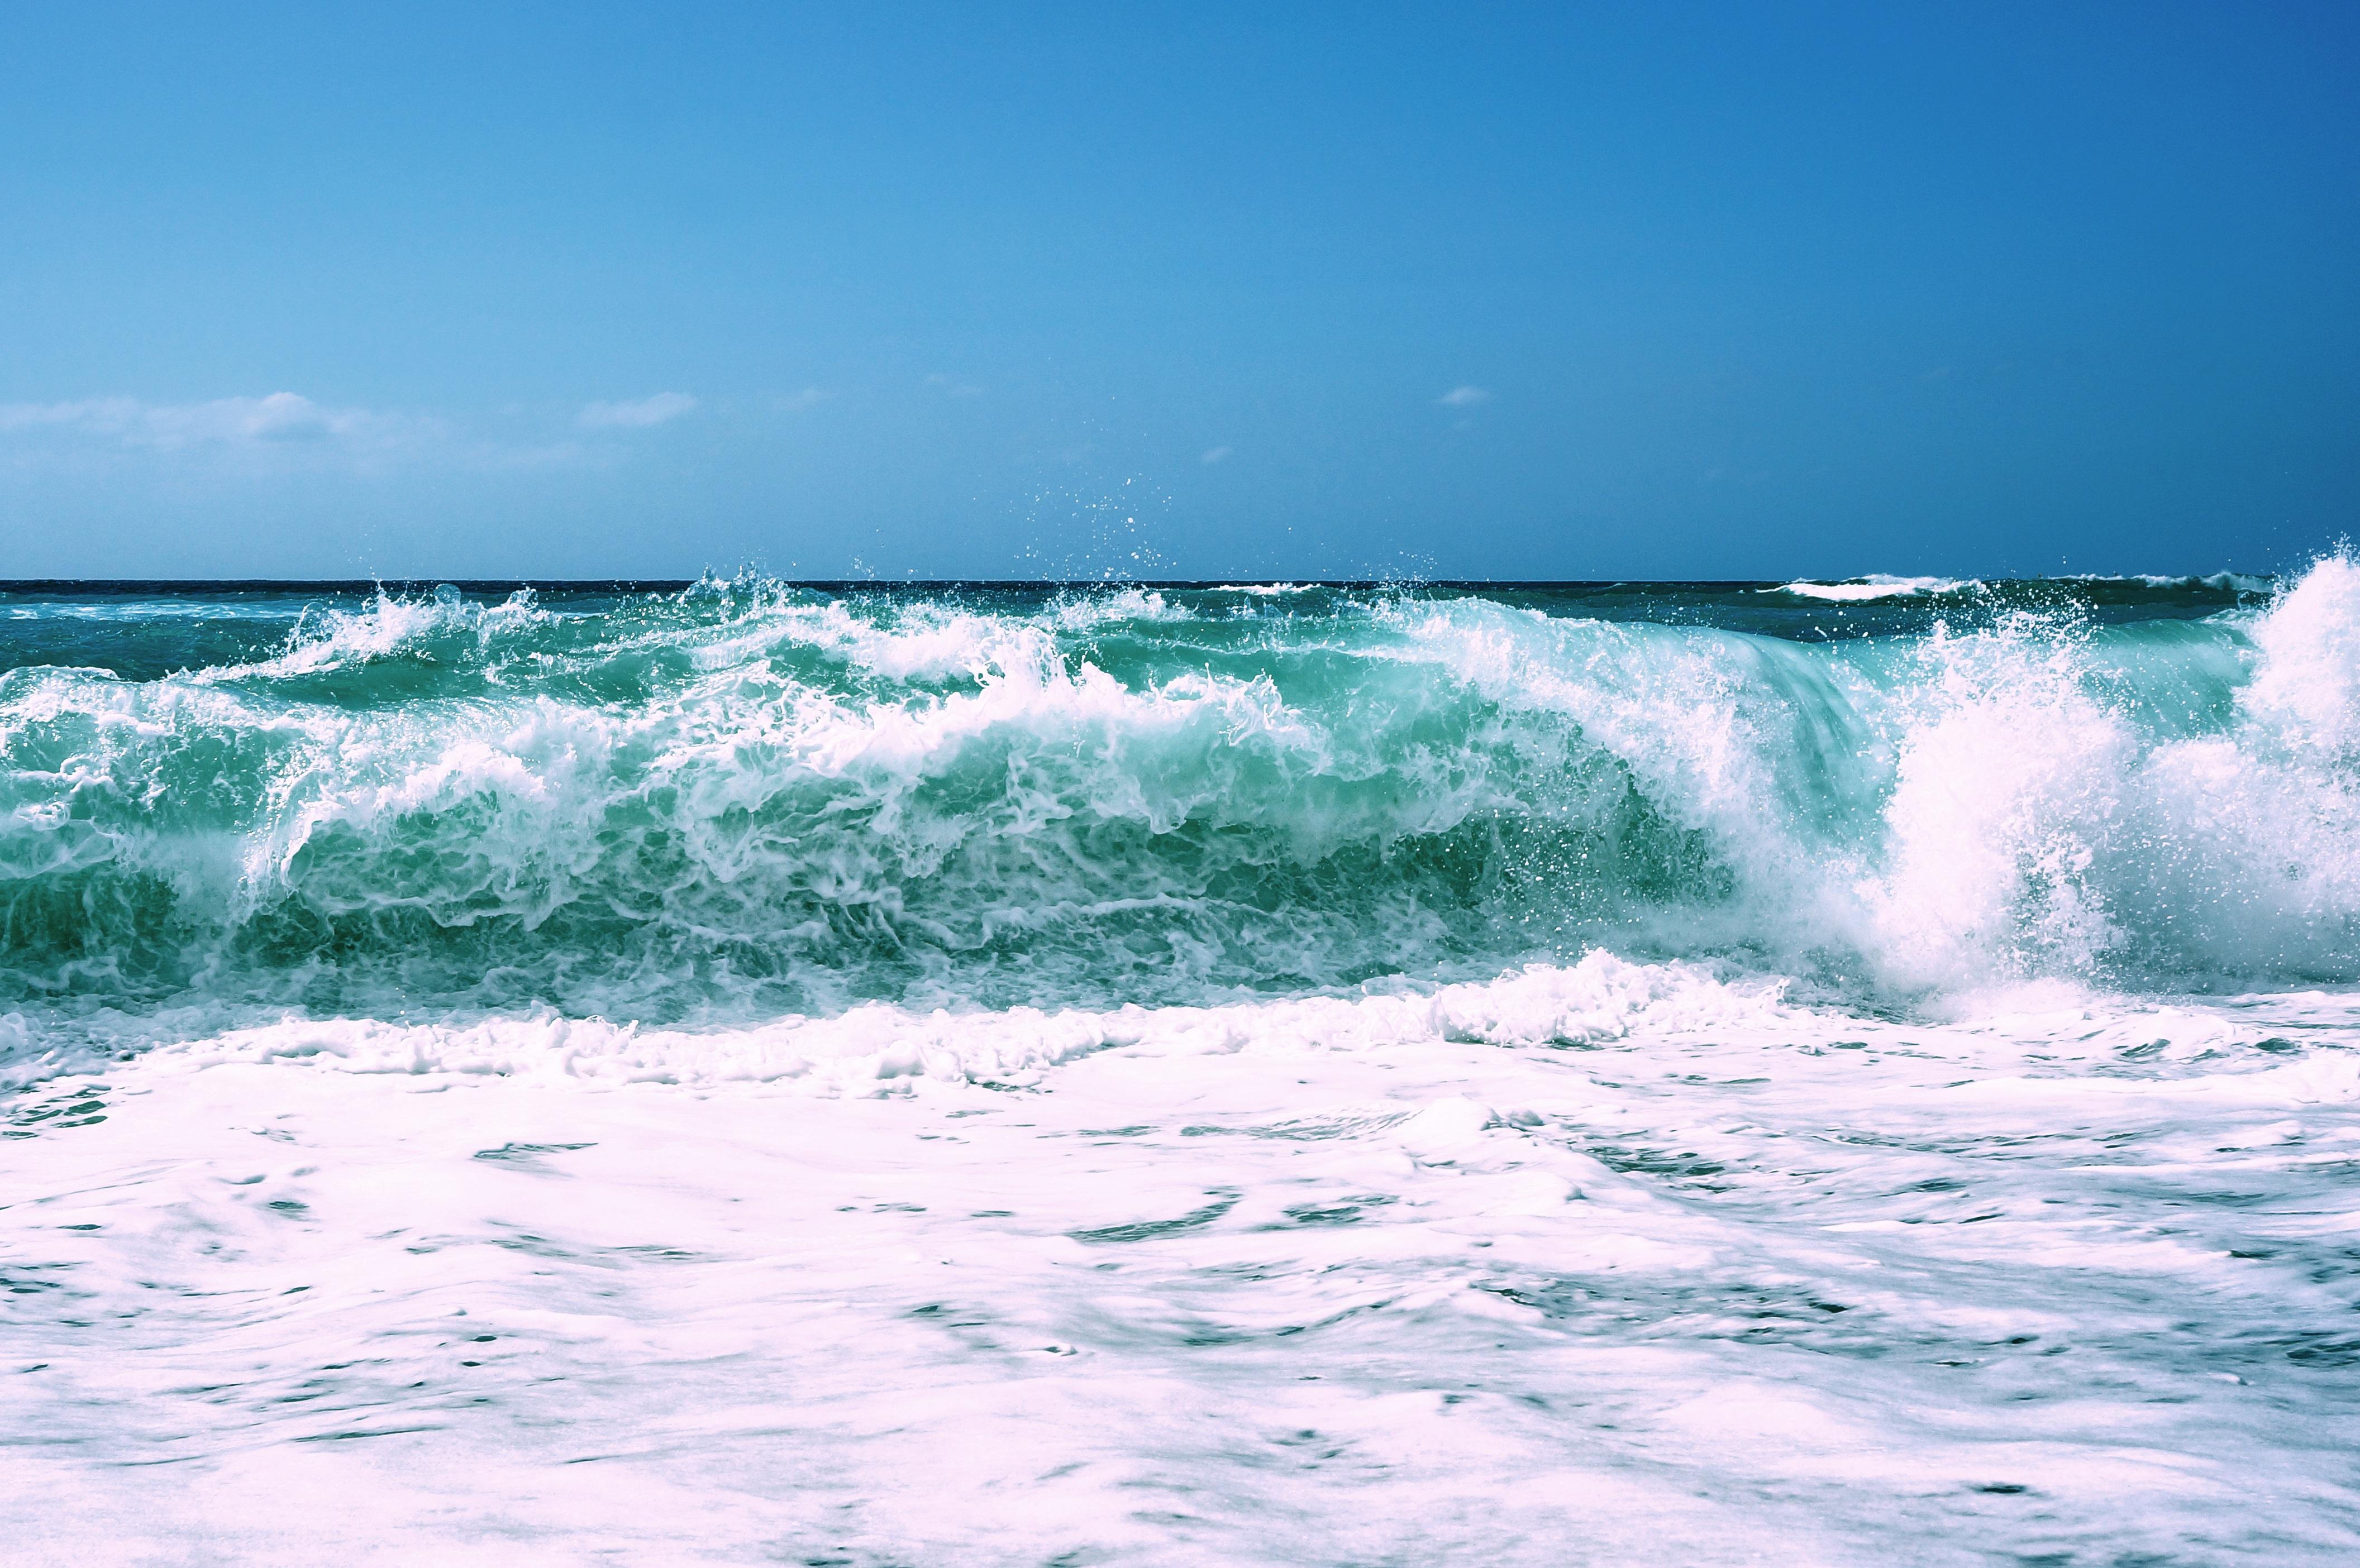 Картинки для скачивания у моря в печали сегодняшней статье